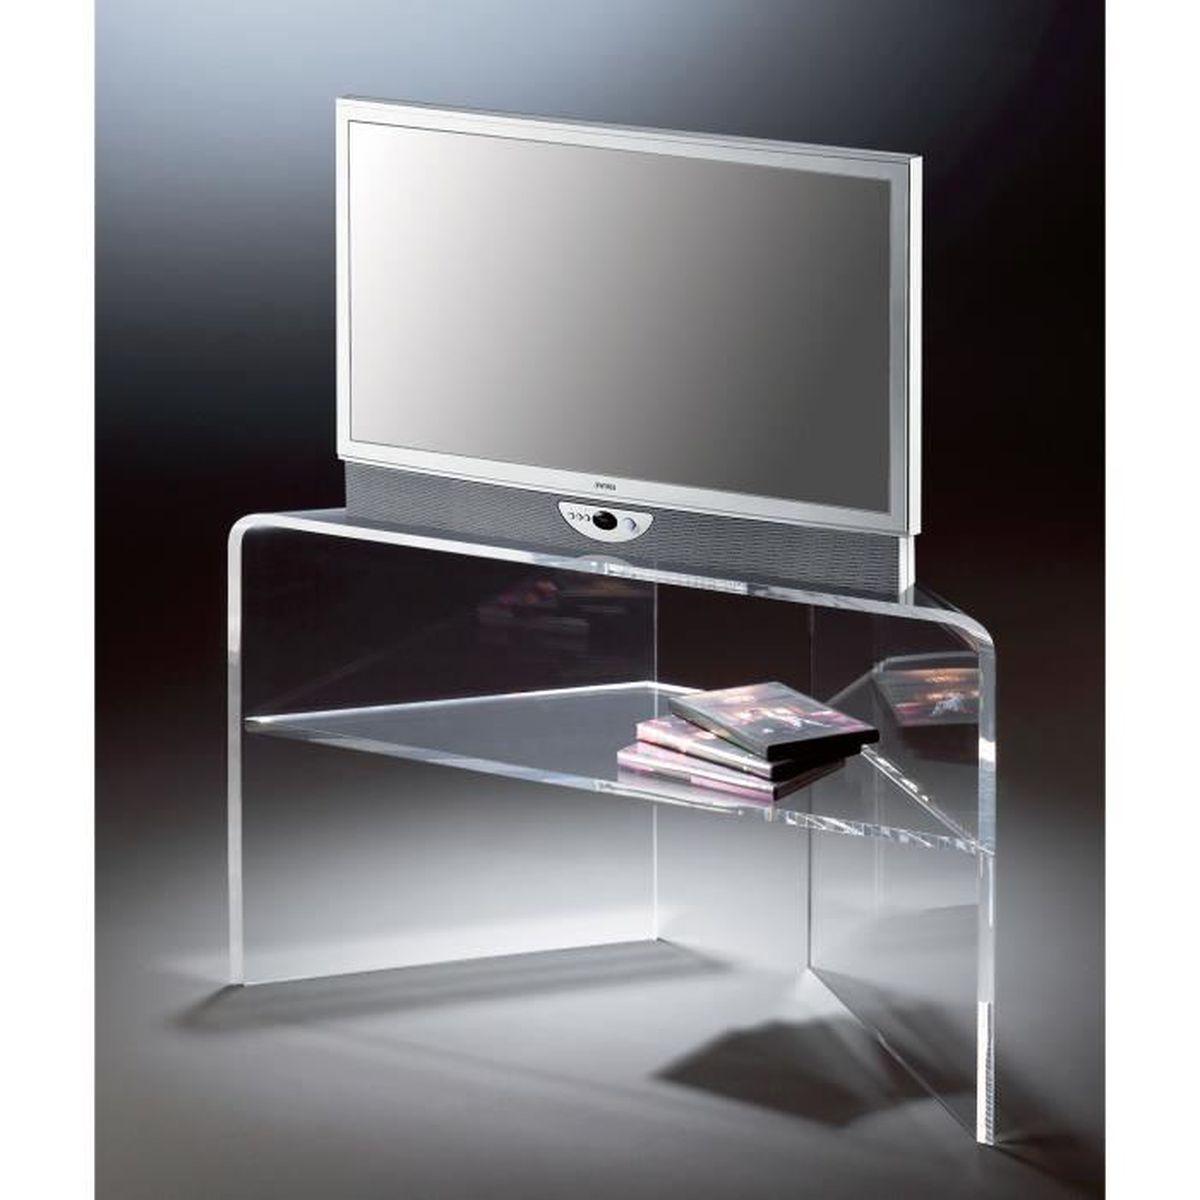 Meuble Haut D Angle Pour Tv console tv d'angle - tv-rack en acrylique haute qualité